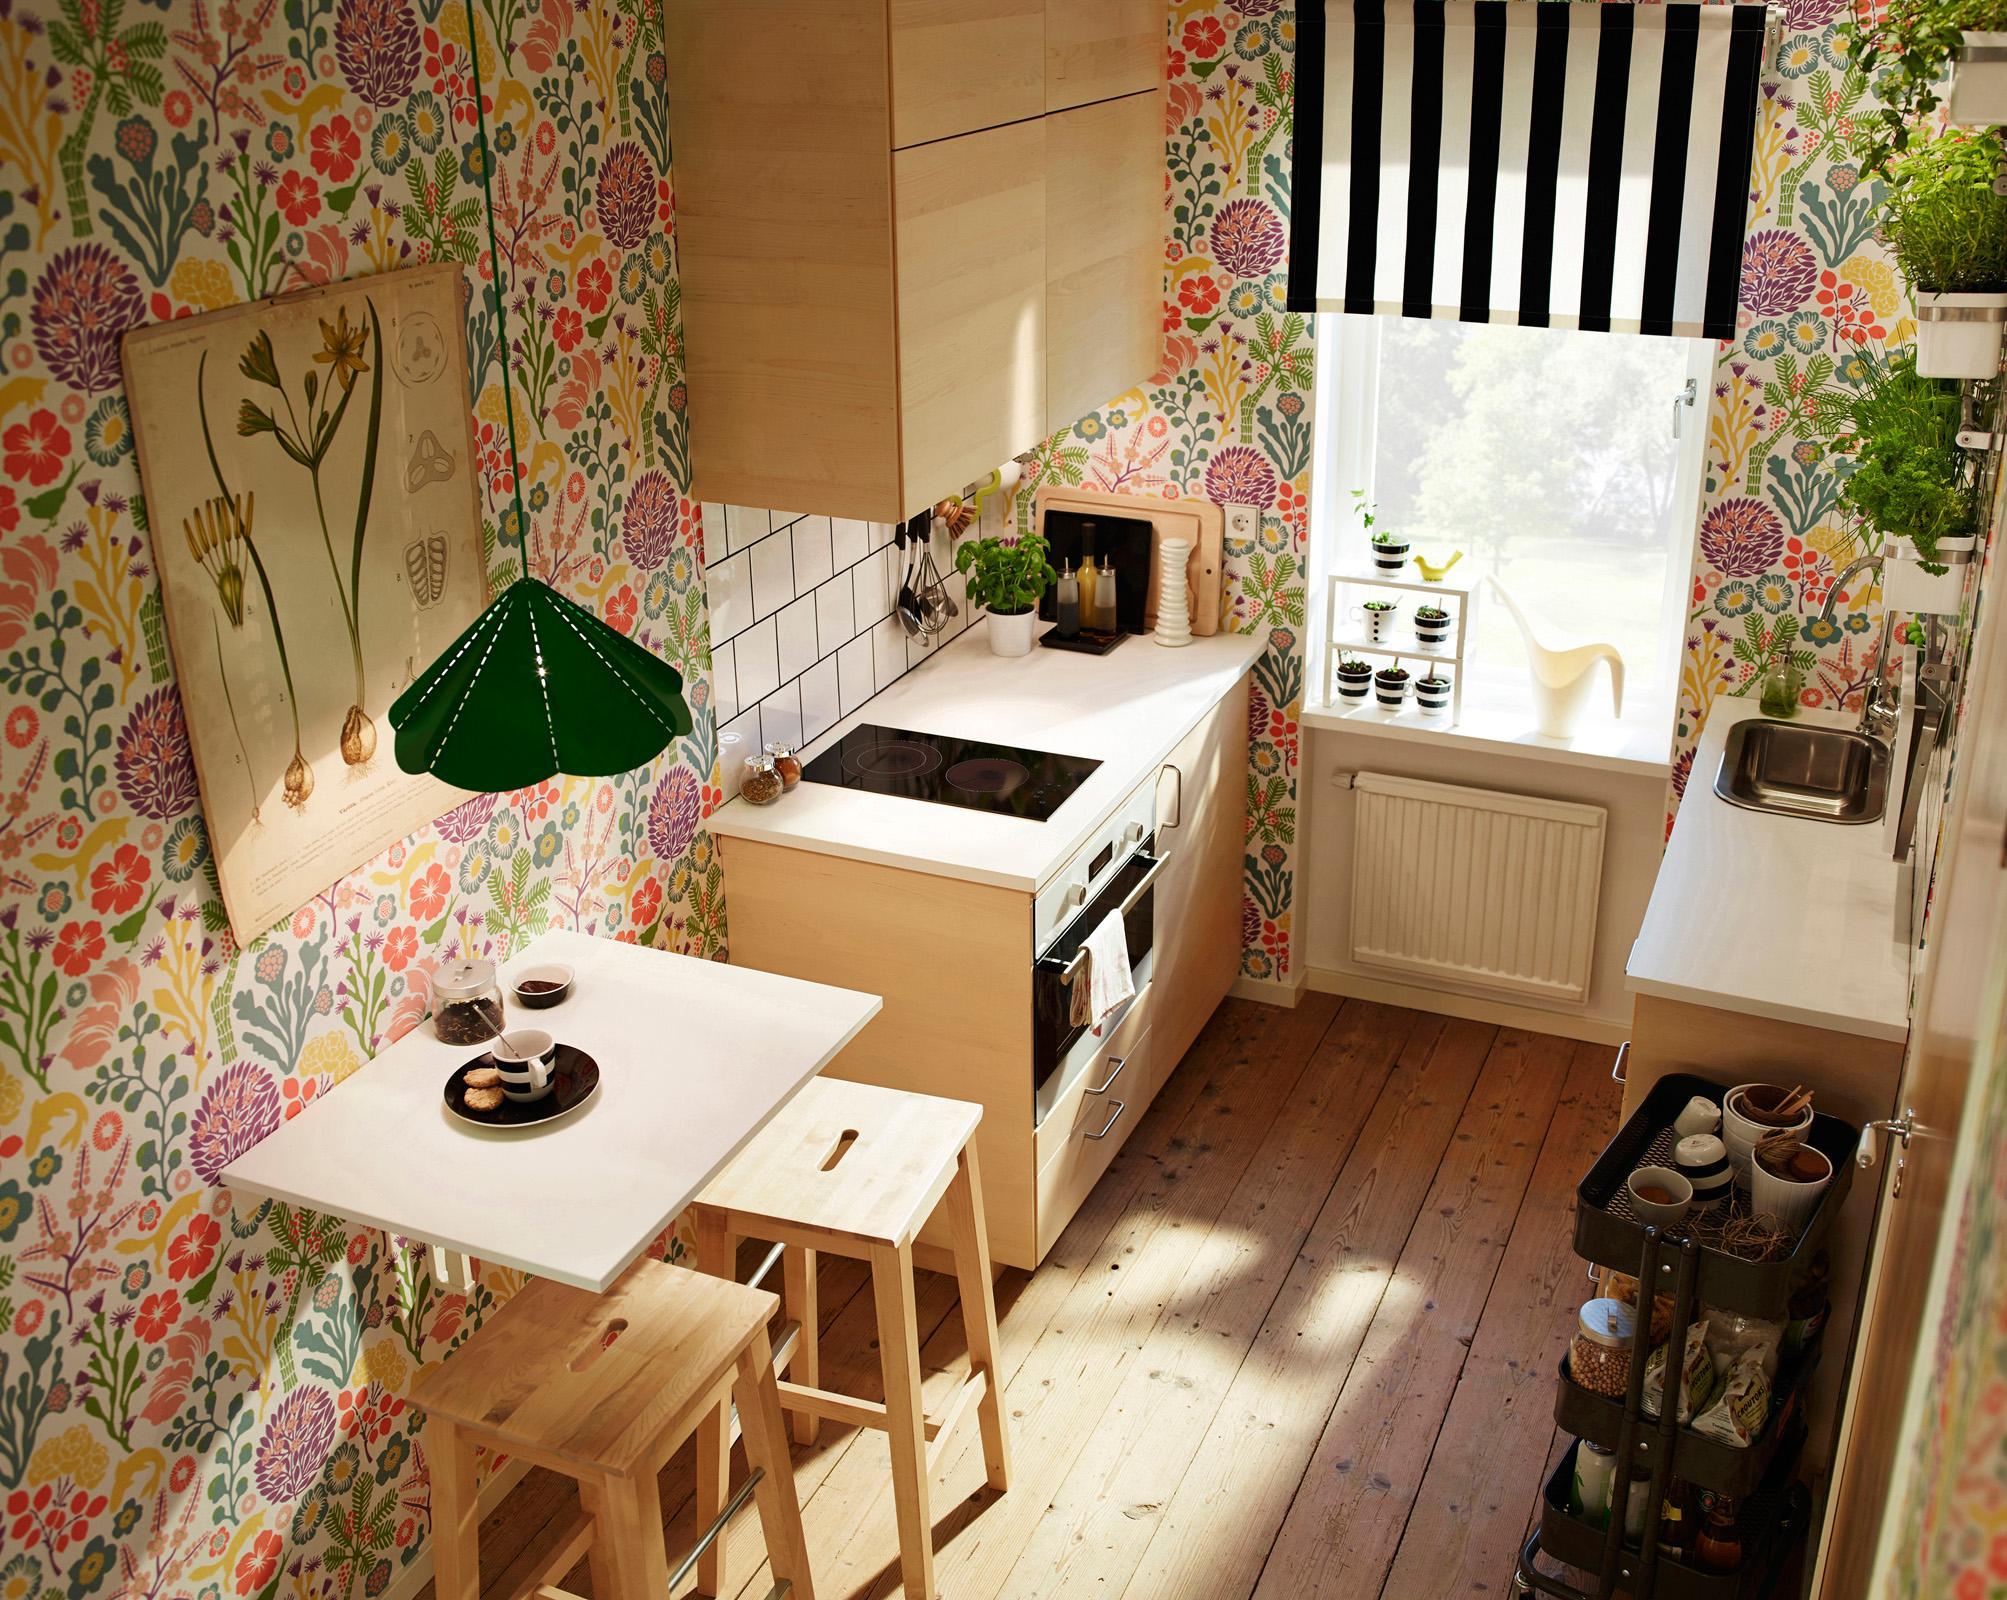 Full Size of Pantrykche Wohnideen Fr Minikchen Bei Couch Ikea Sofa Mit Schlaffunktion Küche Kosten Miniküche Modulküche Betten Kaufen 160x200 Wohnzimmer Miniküchen Ikea